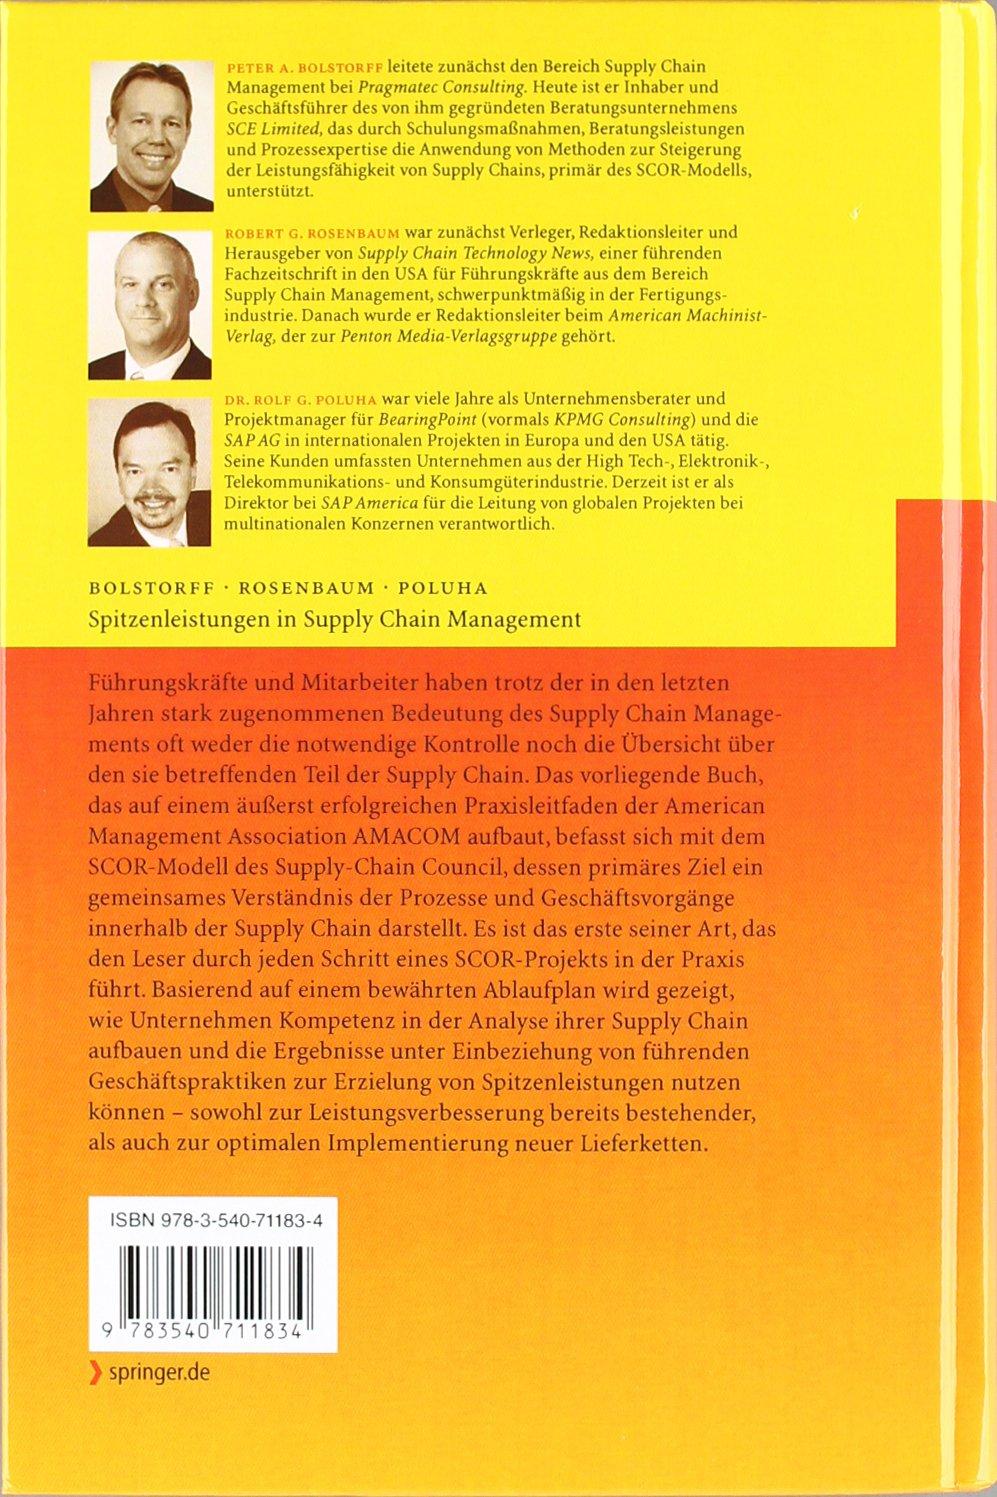 Spitzenleistungen Im Supply Chain Management: Ein Praxishandbuch zur Optimierung mit SCOR (German Edition) by Springer